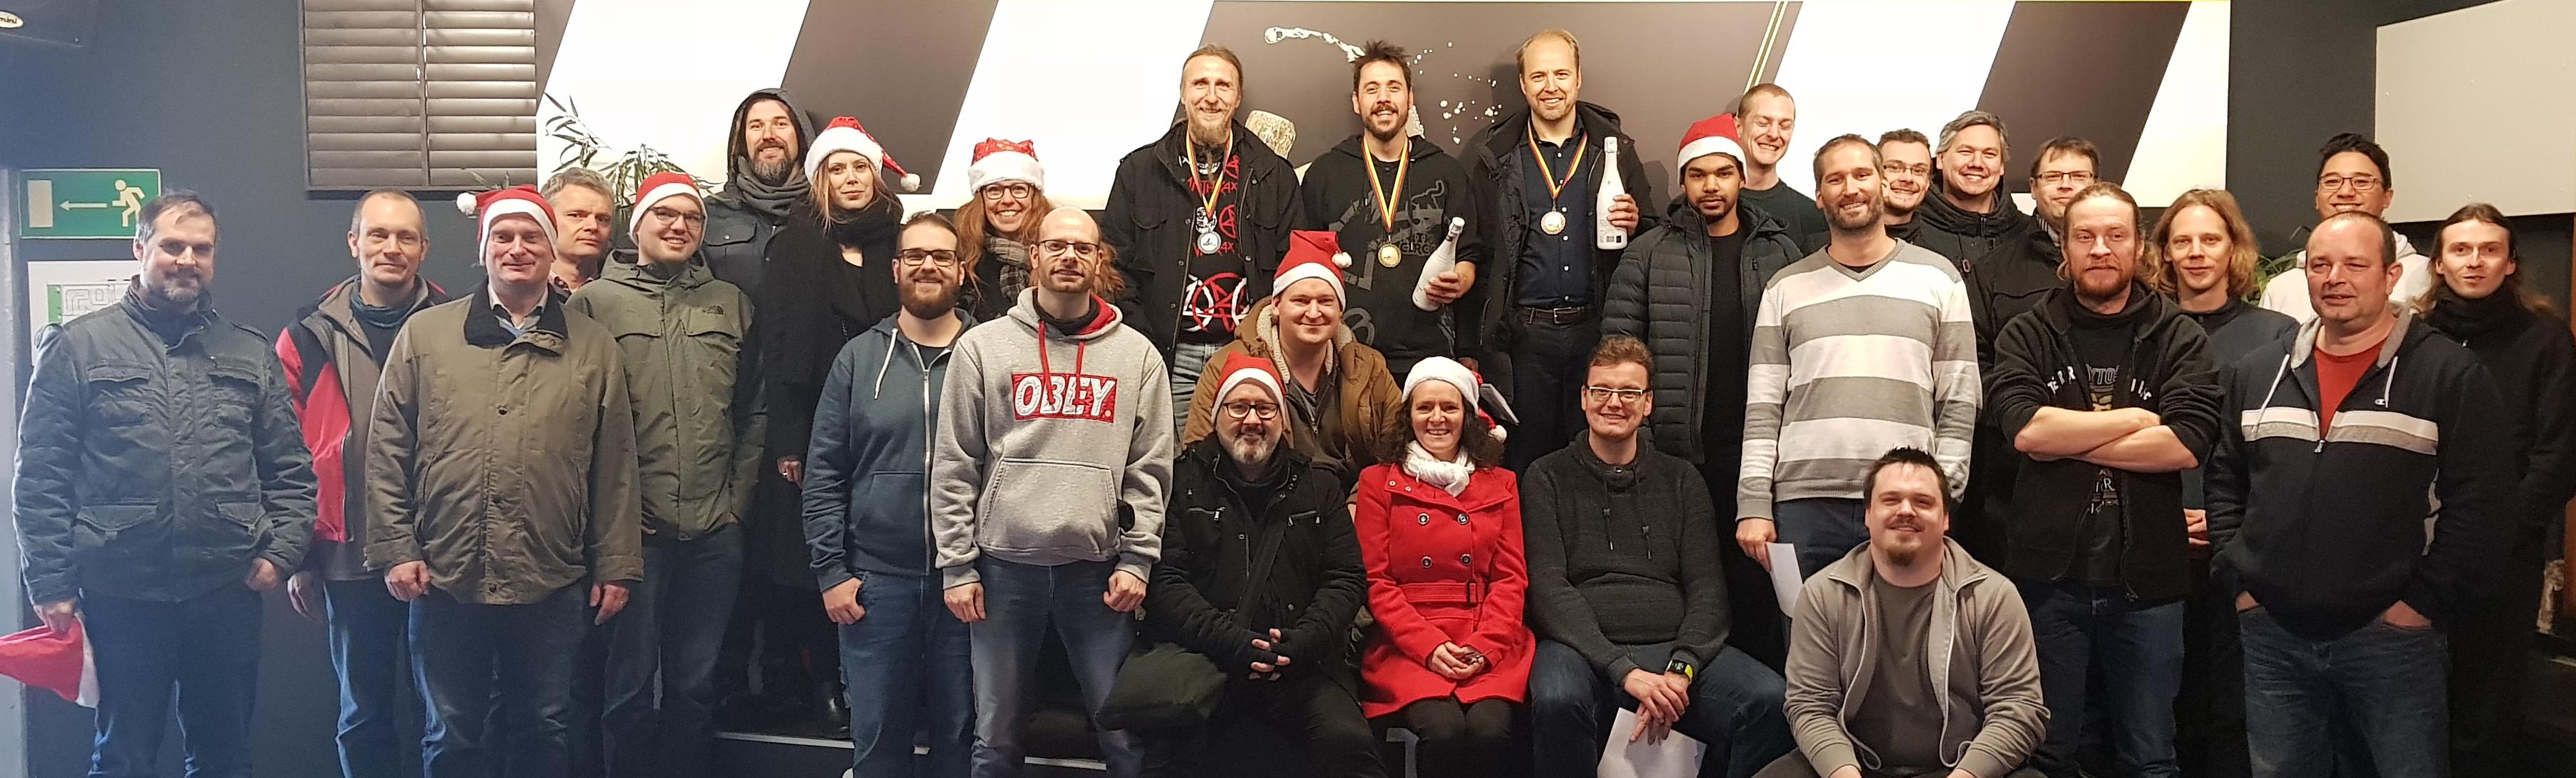 Team 1 basysKom, HMI Dienstleistung, Qt, Cloud, Azure